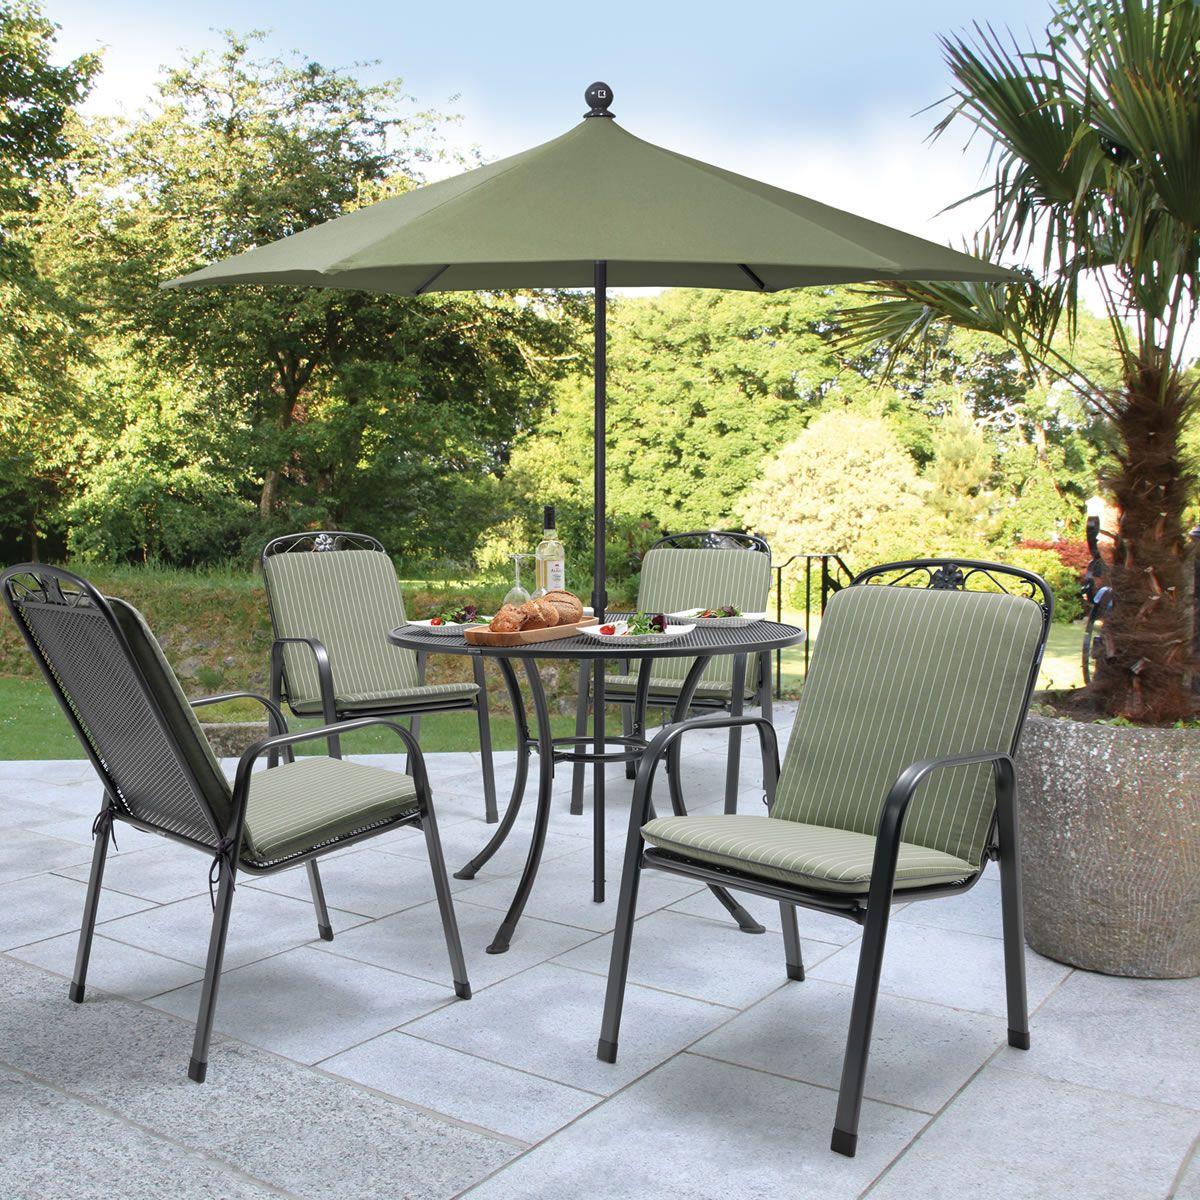 kettler siena 4 seat round mesh set ksienset06 garden furniture world